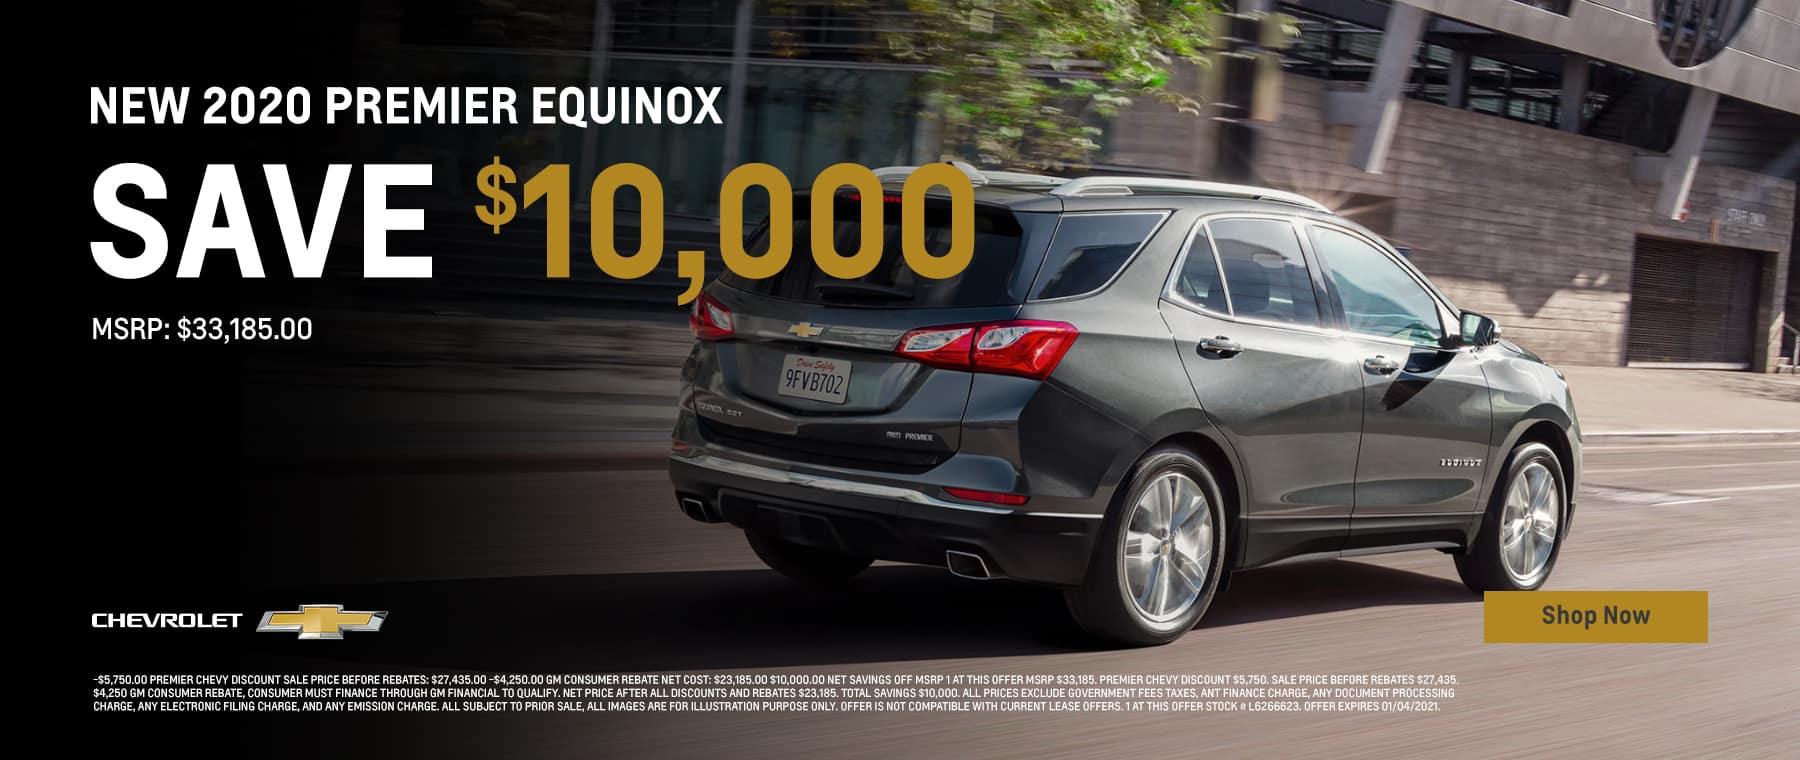 2020 Equinox PR